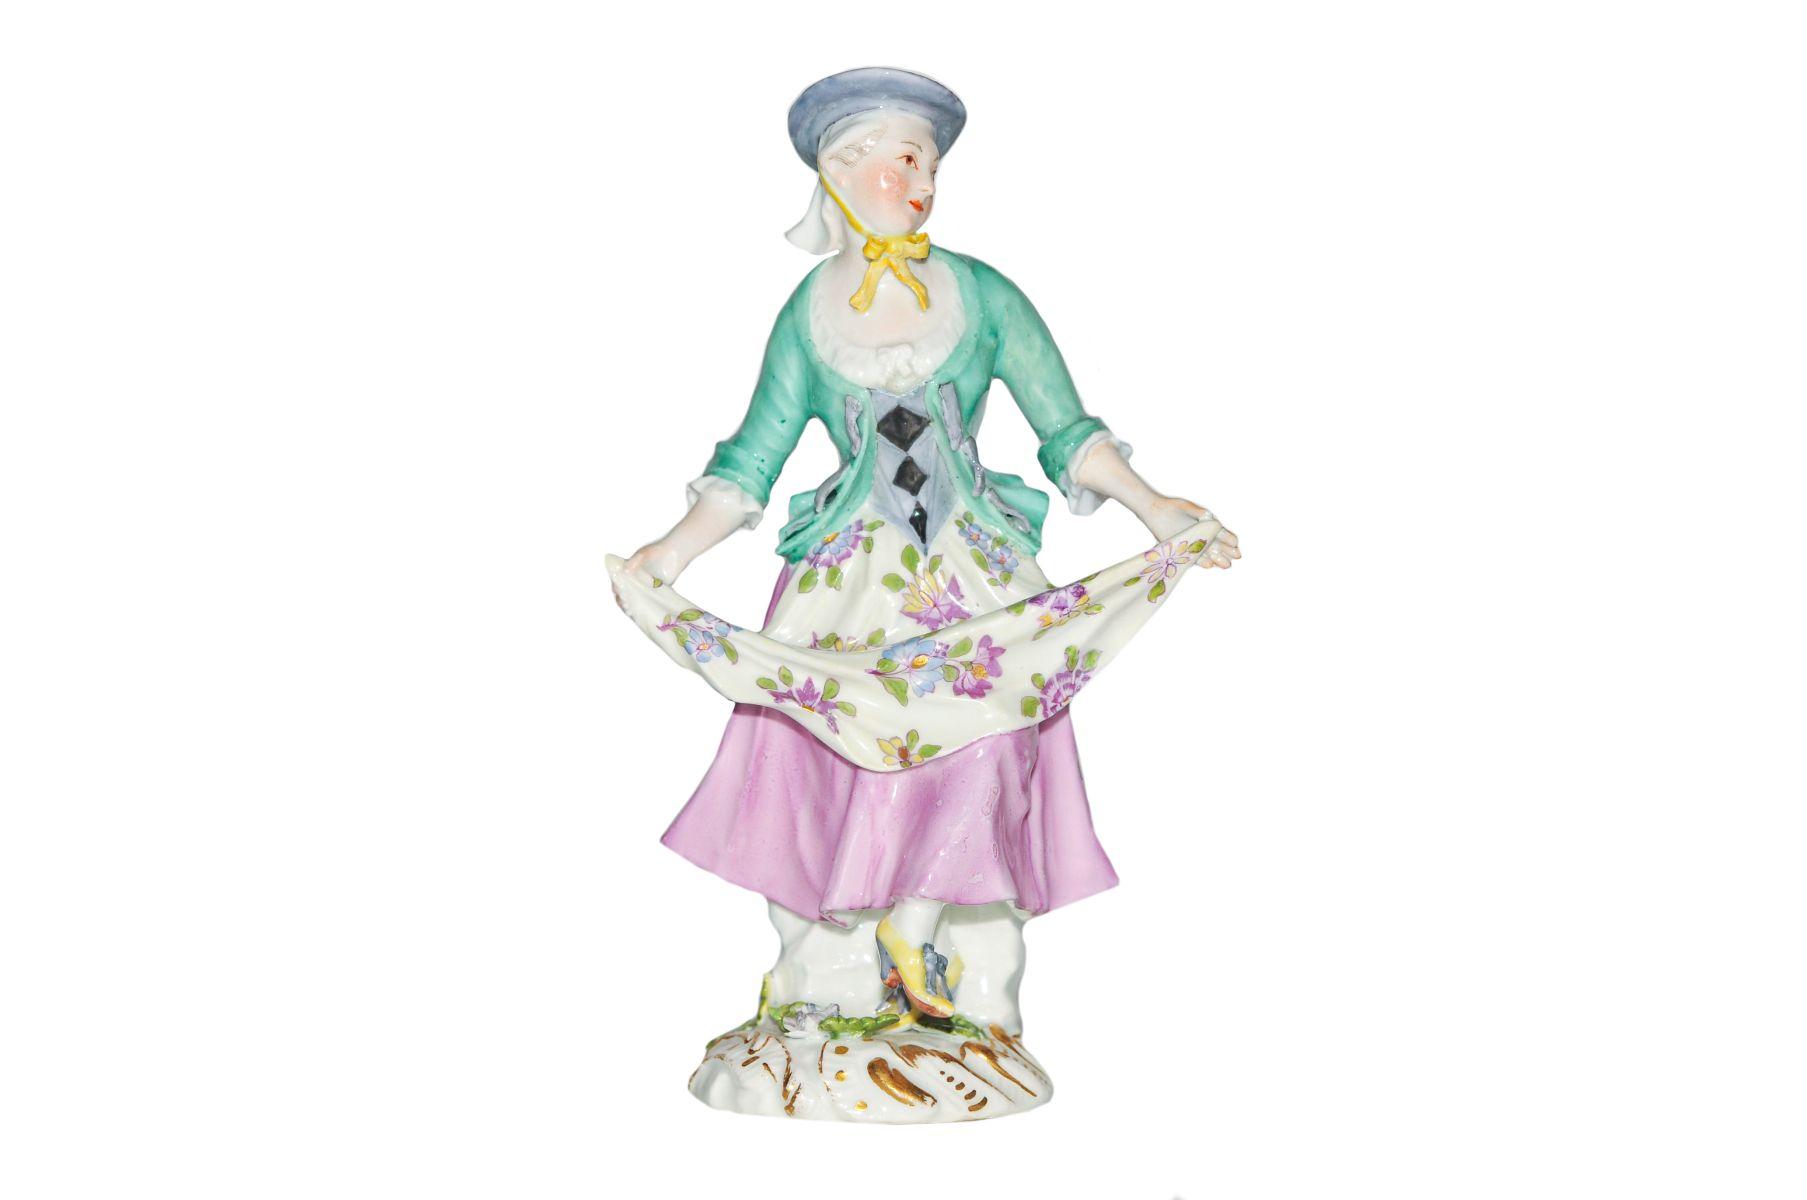 #81 Dancing Tyrolean Meissen 1750 | TanzendeTirolerin Meissen 1750 Image